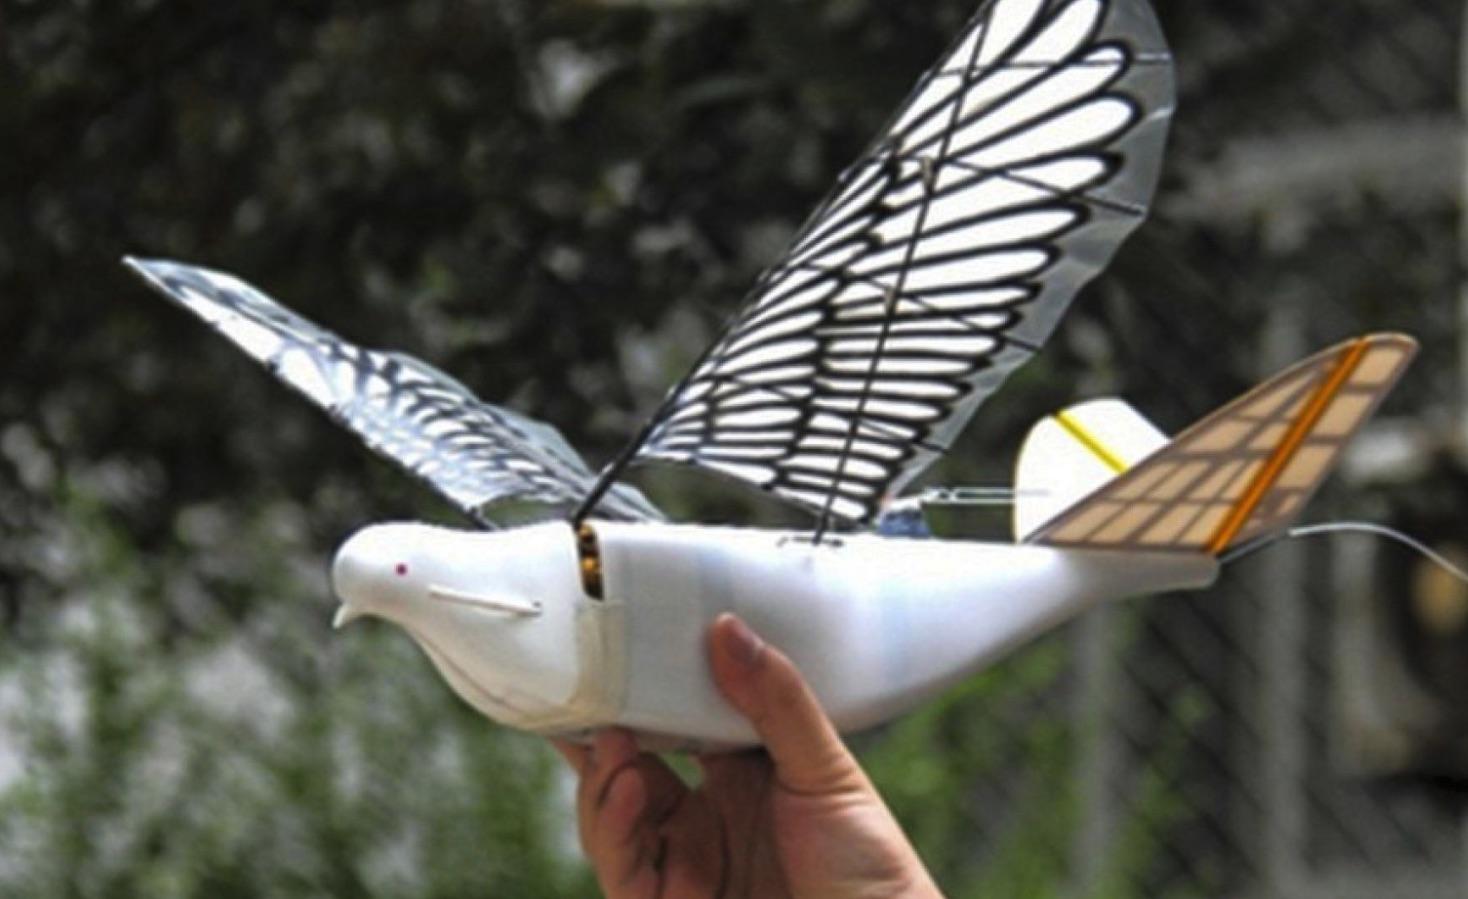 robotic bird drone surveillance drones